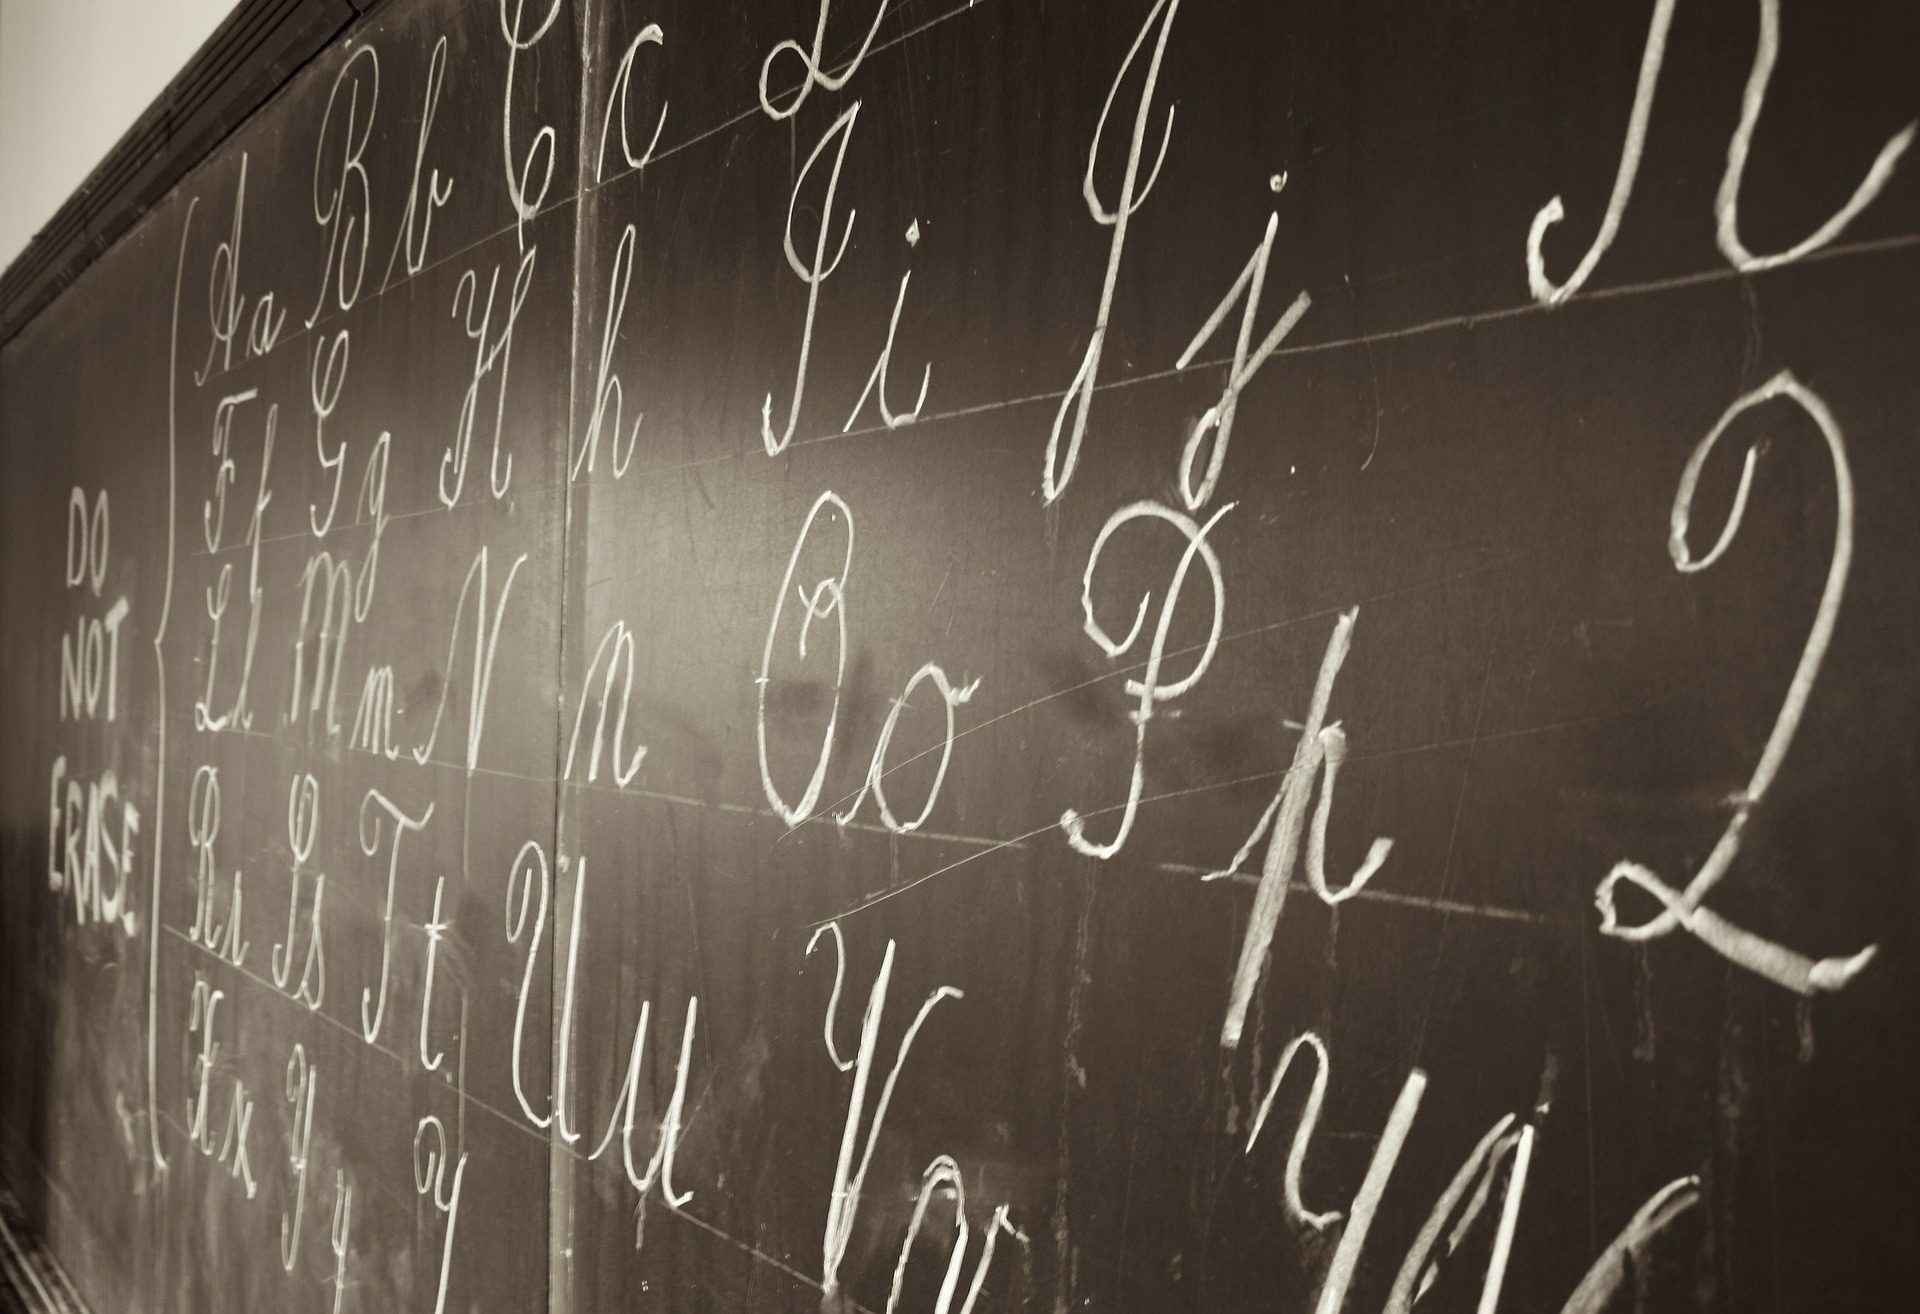 blackboard-209152_1920 (1)_491240